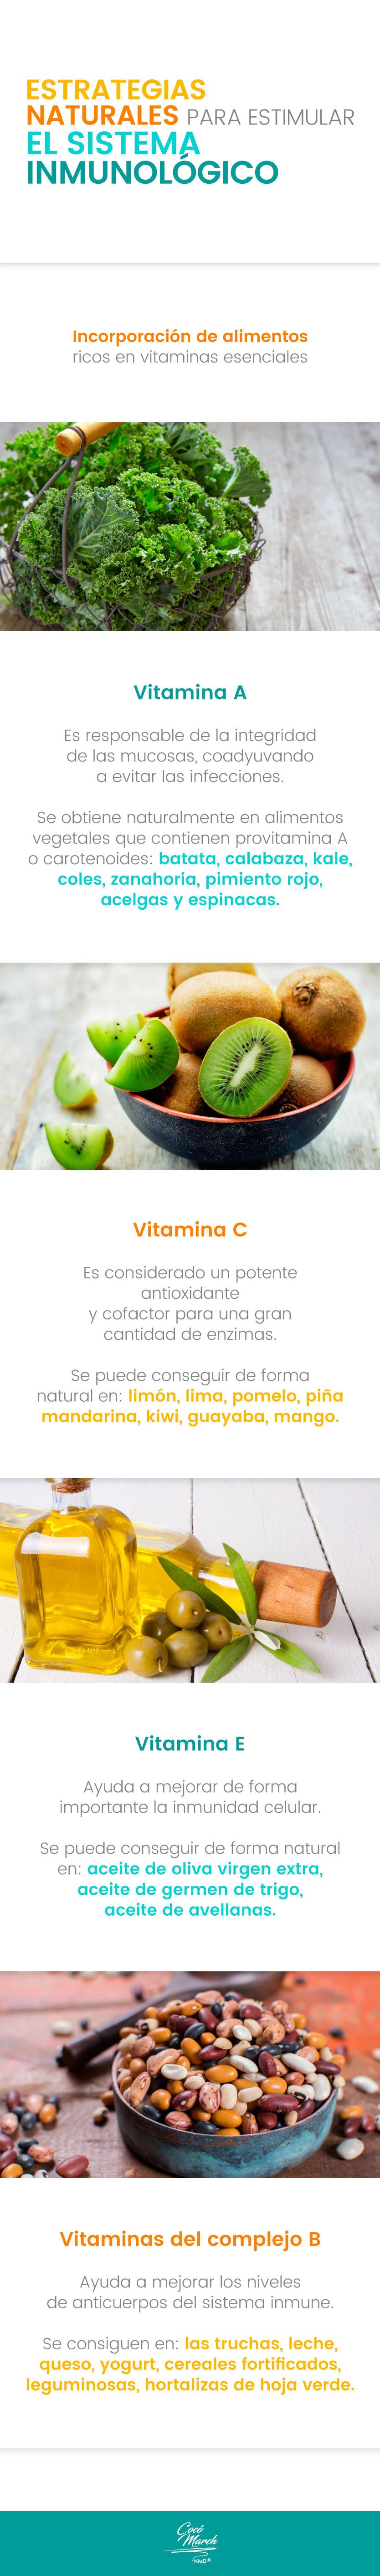 alimentos-para-estimular-el-sistema-inmunologico